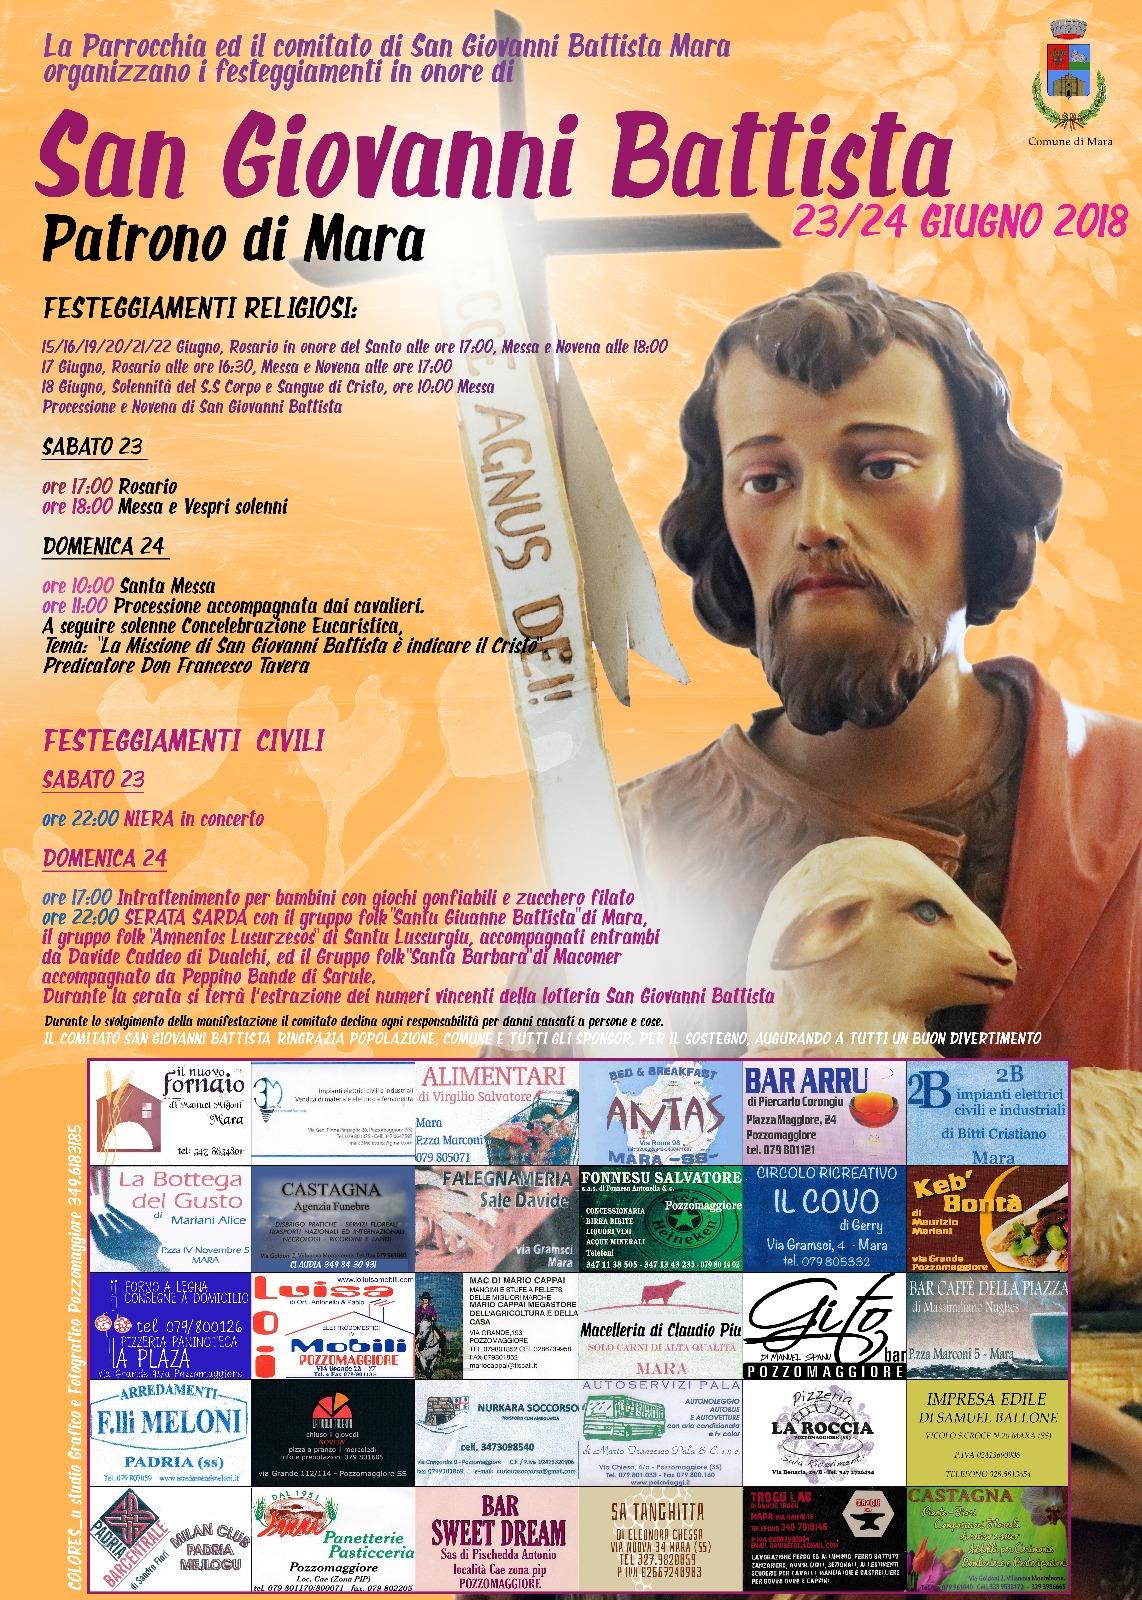 ORDINANZA n°06/2018 - FESTA PATRONALE SAN GIOVANNI BATTISTA